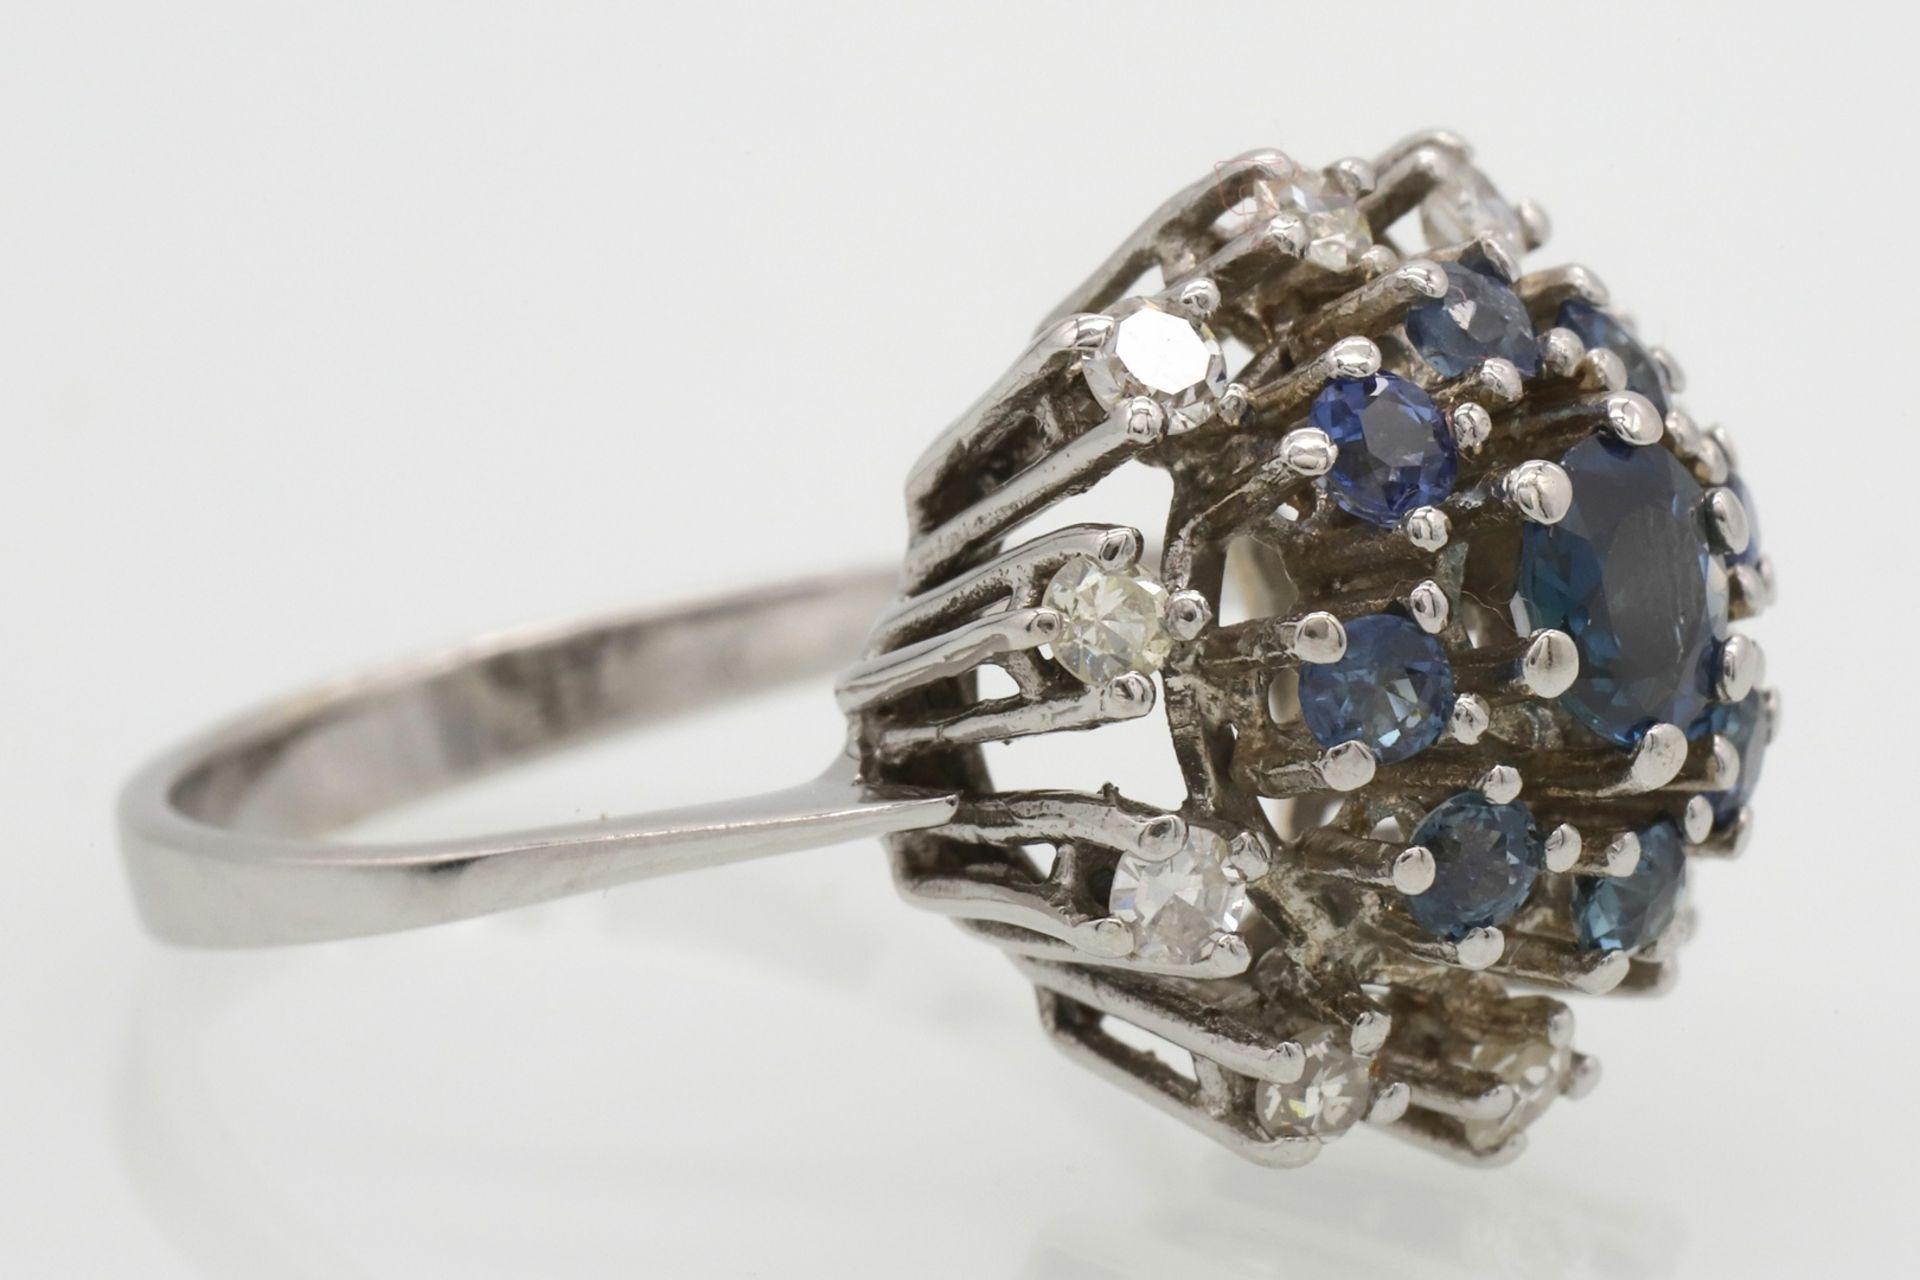 Entourage-Ring besetzt mit Saphir, Topasen und Diamanten - Bild 3 aus 5